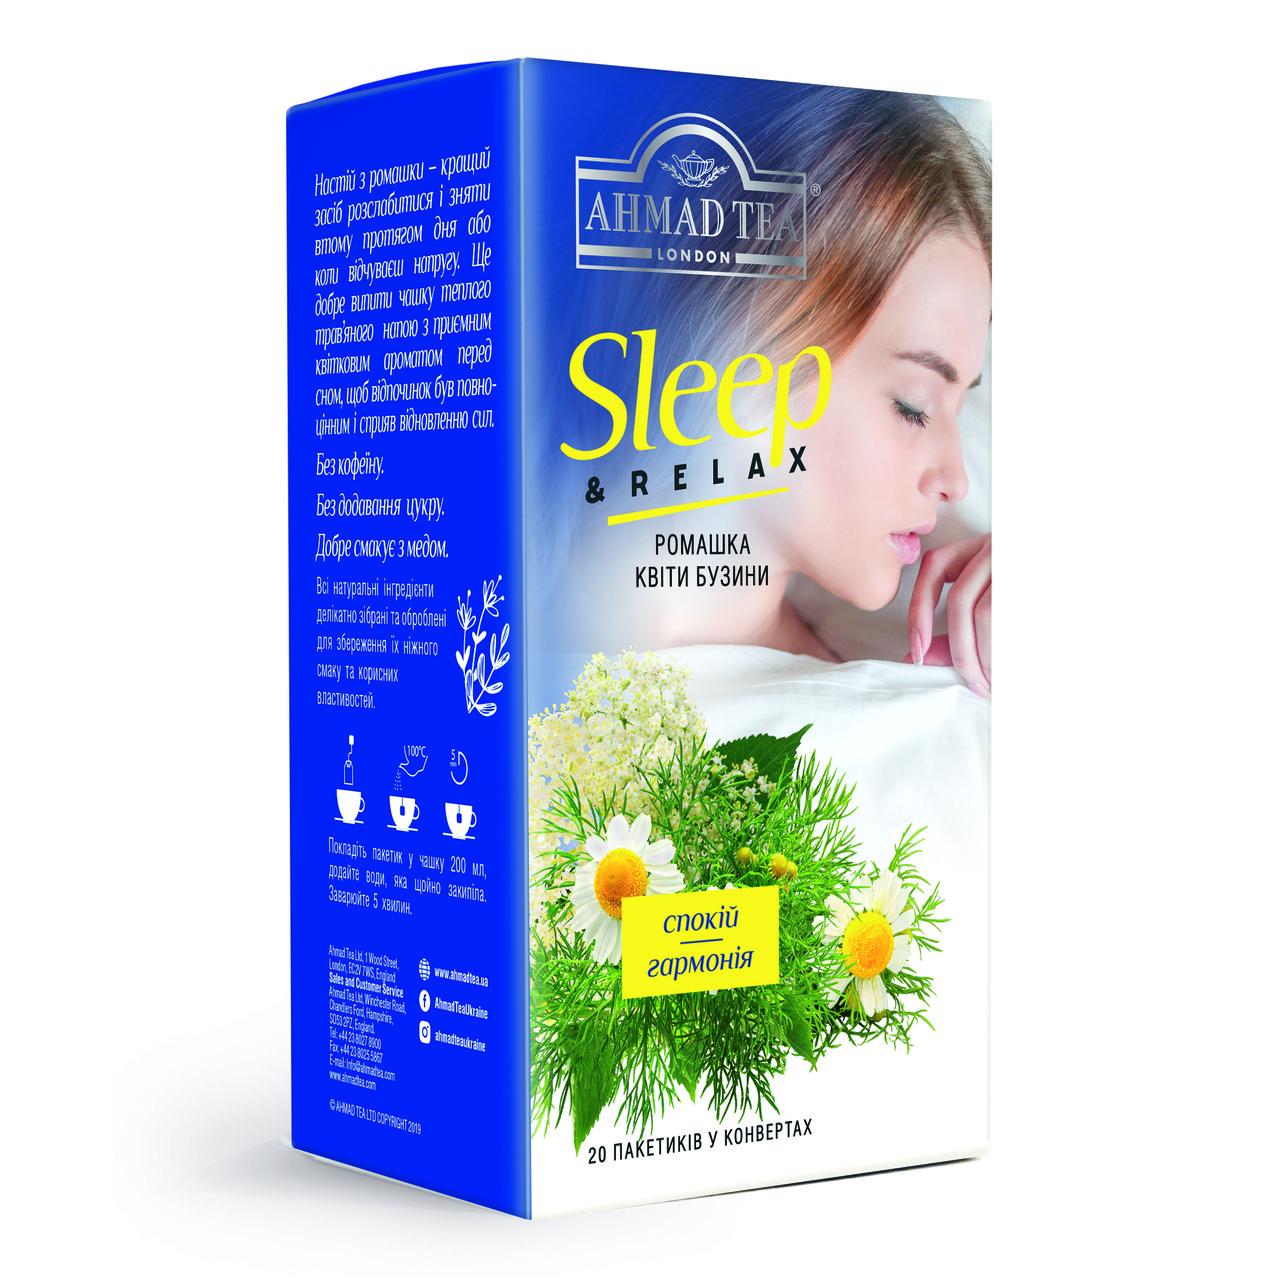 Травяной чай Ахмад без кофеина Sleep & Relax с ромашкой и бузиной пакетированный 20*1,8г